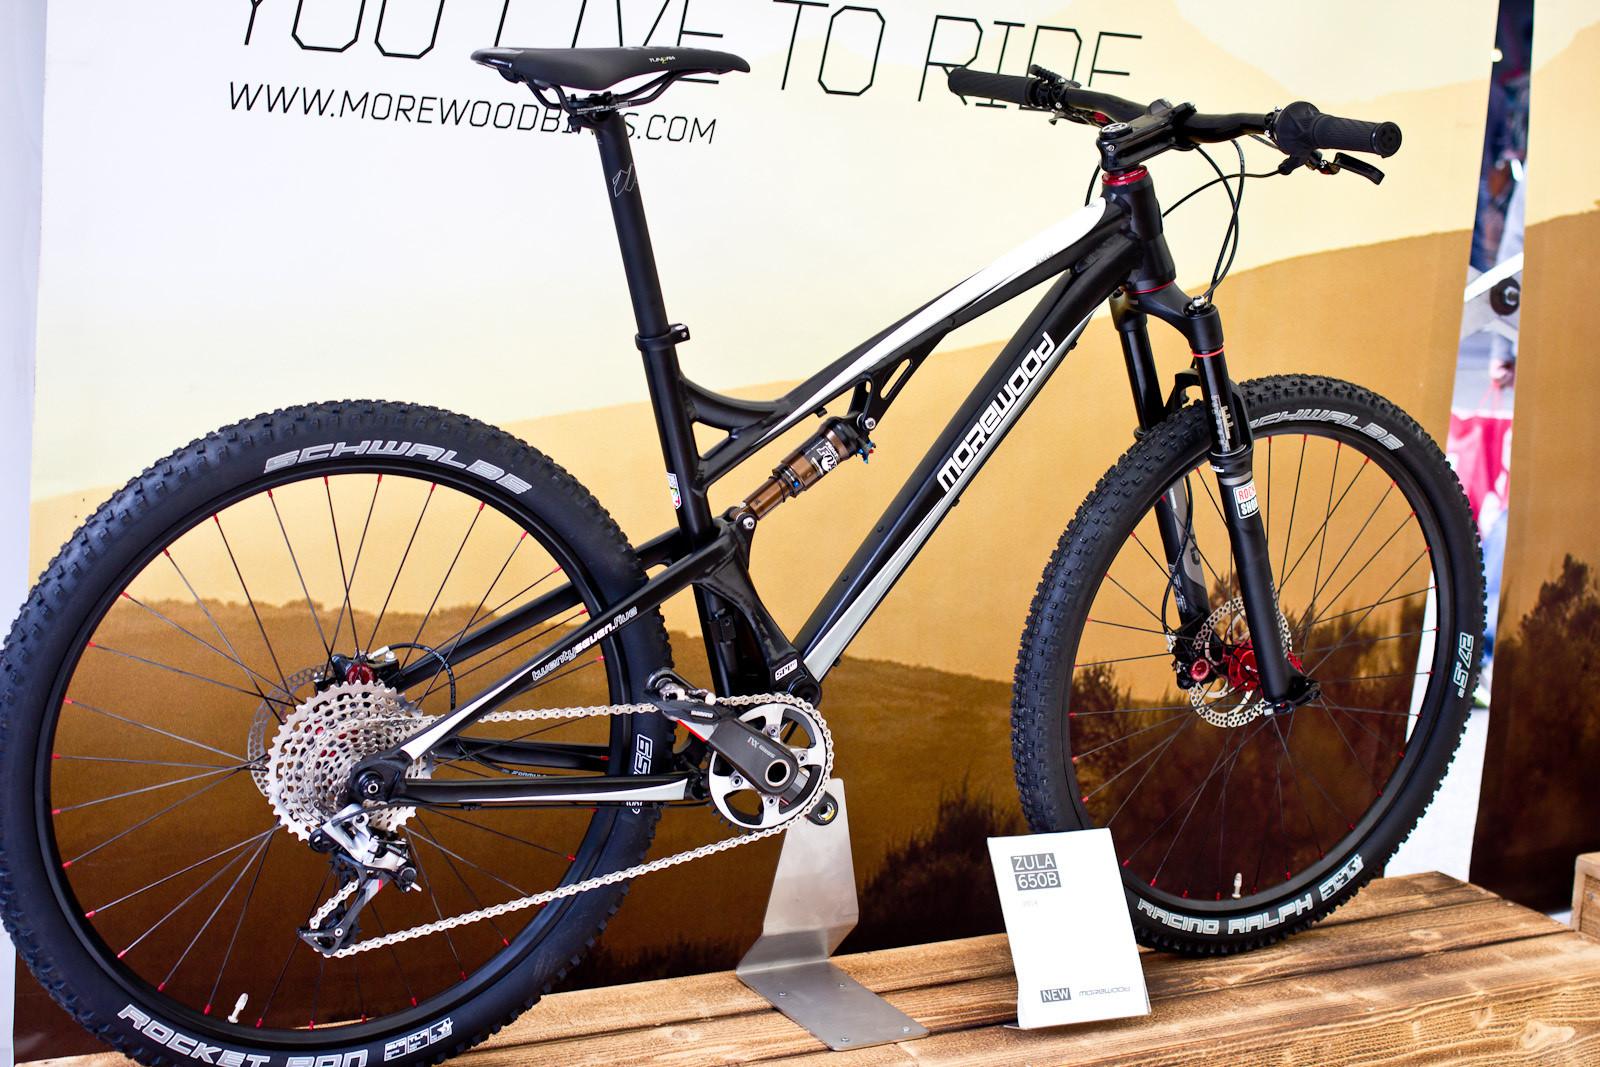 2014 Morewood Zula 650B - 2014 Trail, All-Mountain & Enduro Bikes at Eurobike 2013 - Mountain Biking Pictures - Vital MTB